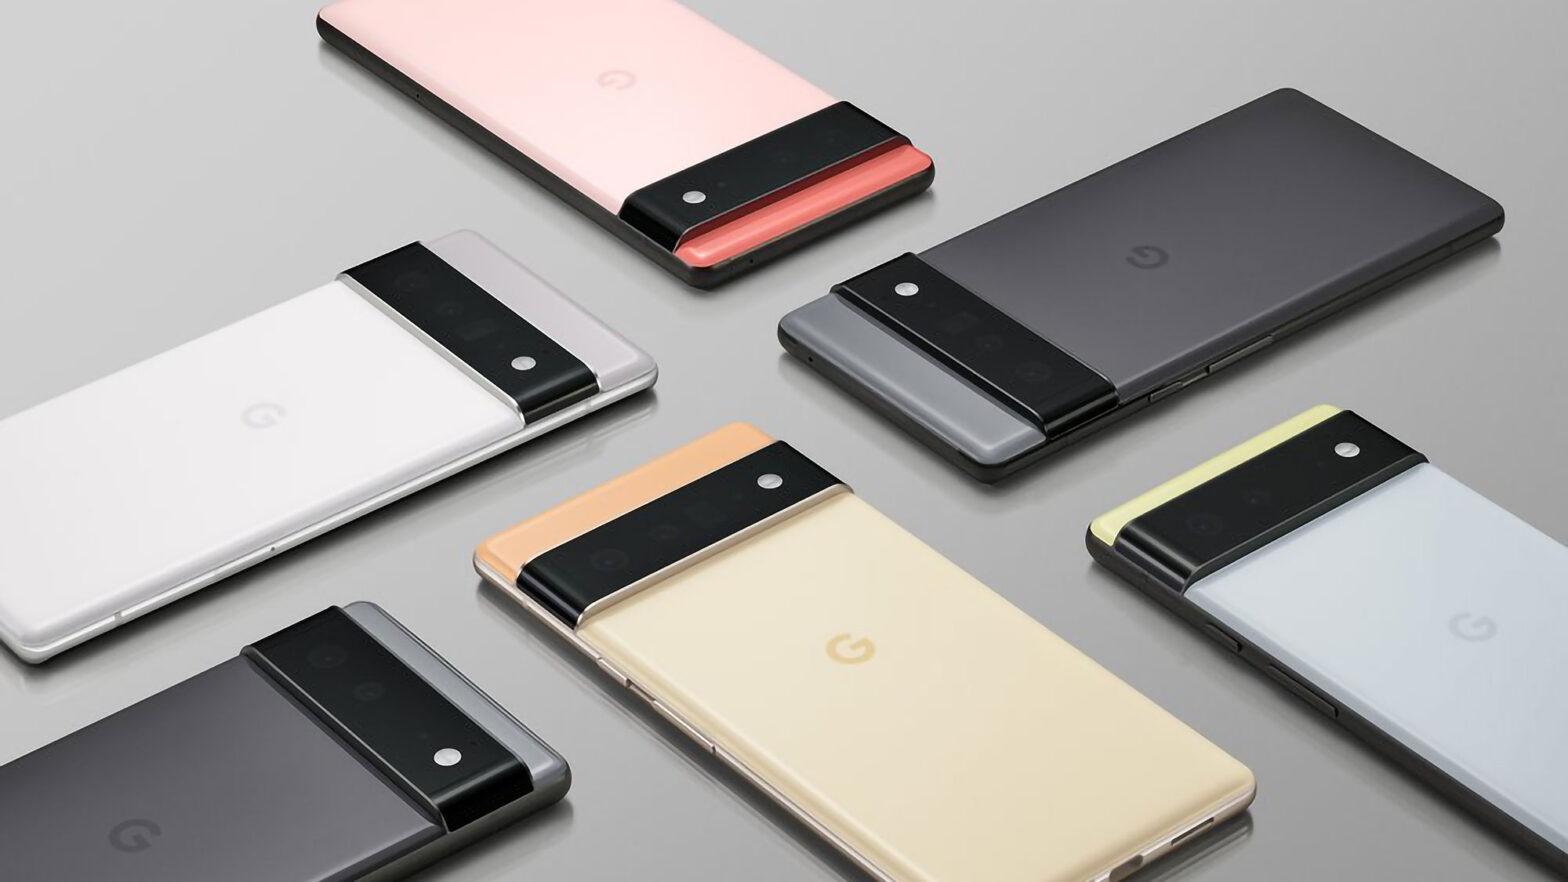 Google Pixel 6 and Pixel 6 Pro: Smartphones Get Personal